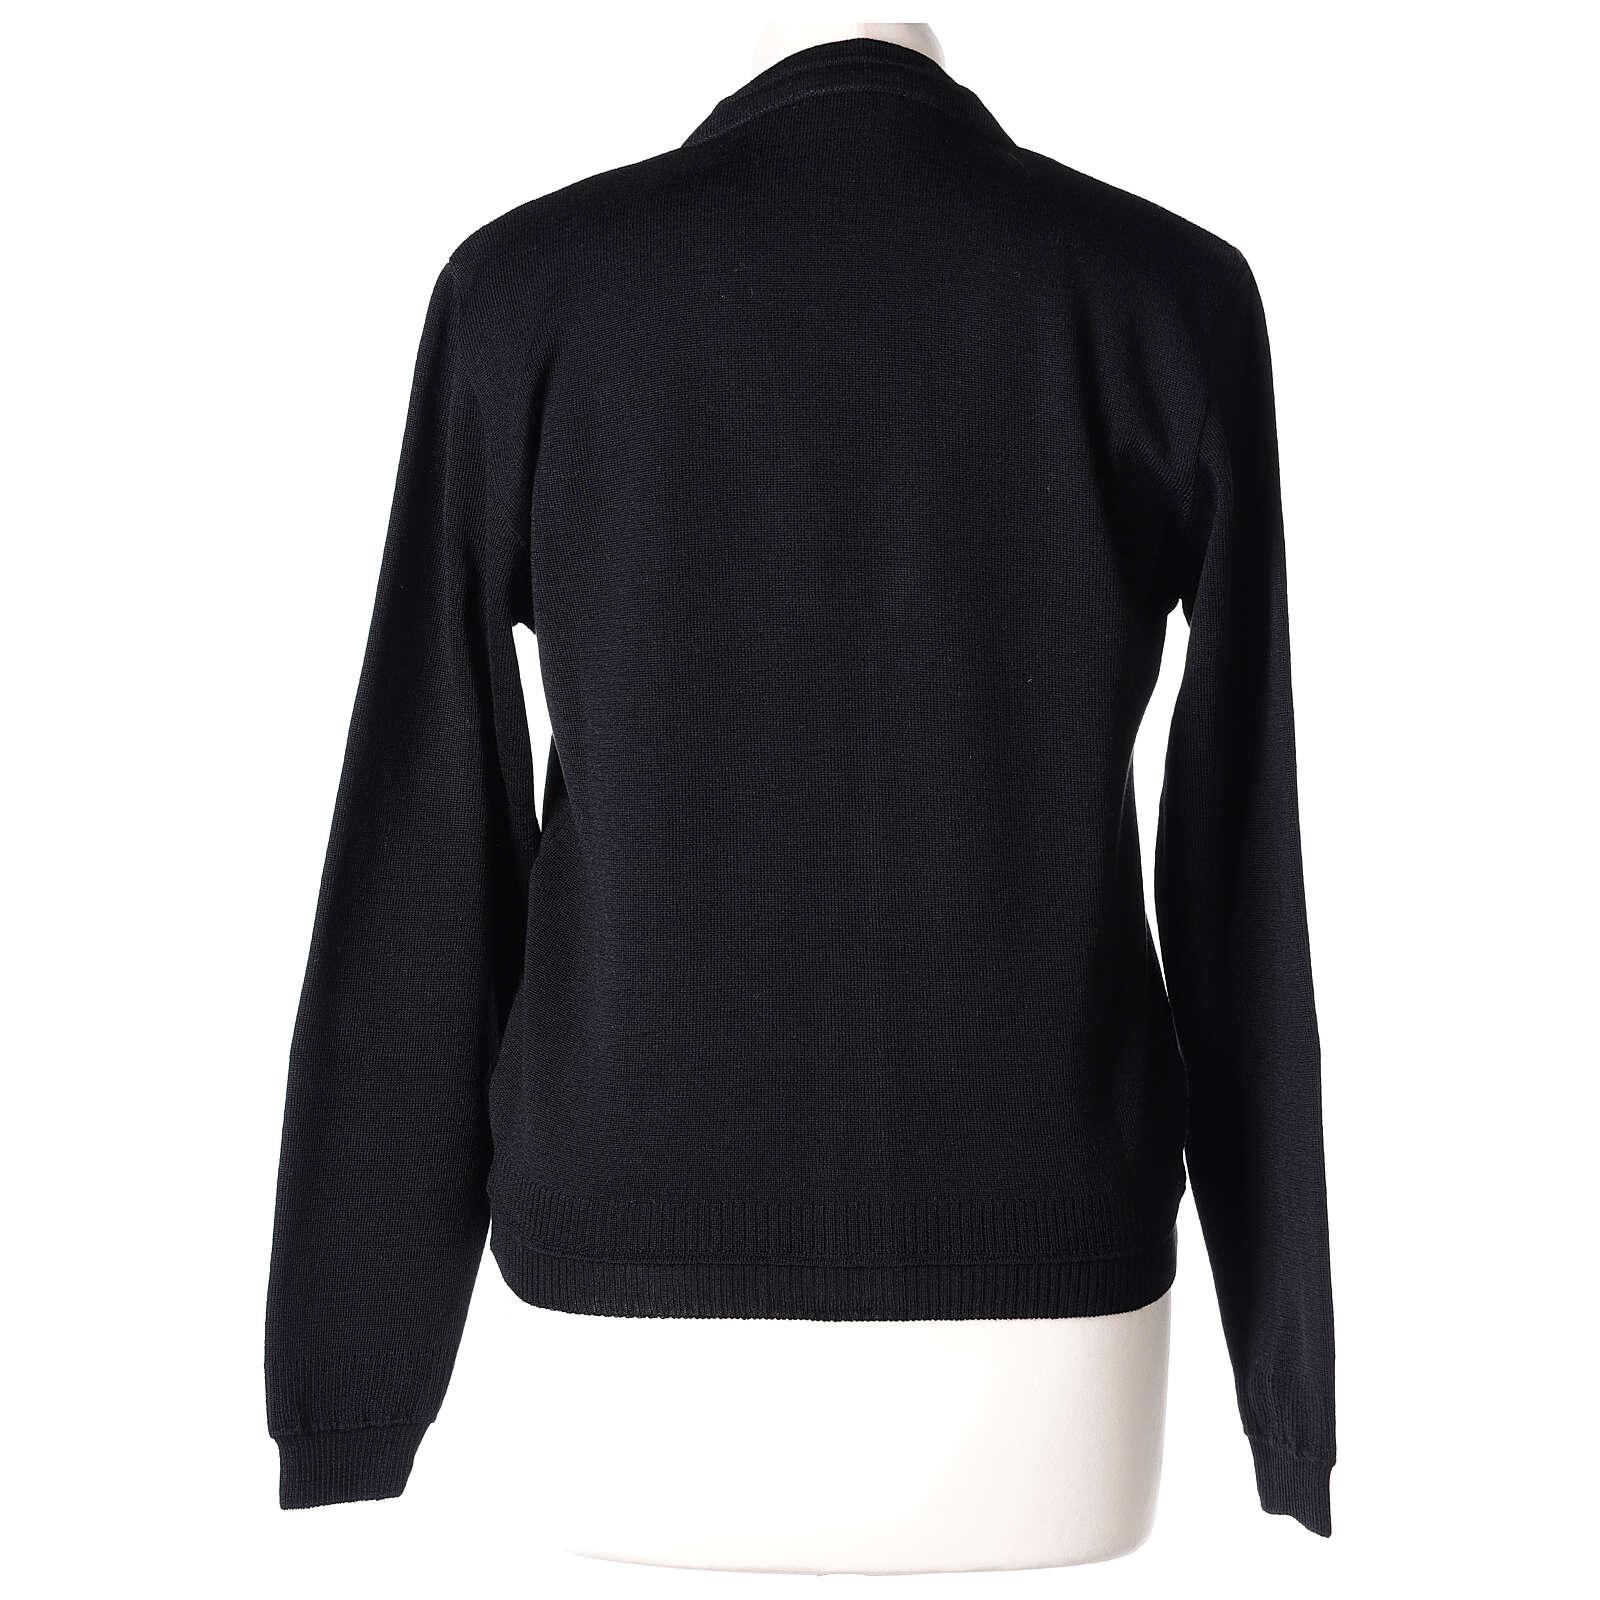 Cardigan court noir 50% laine mérinos 50% acrylique soeur In Primis 4